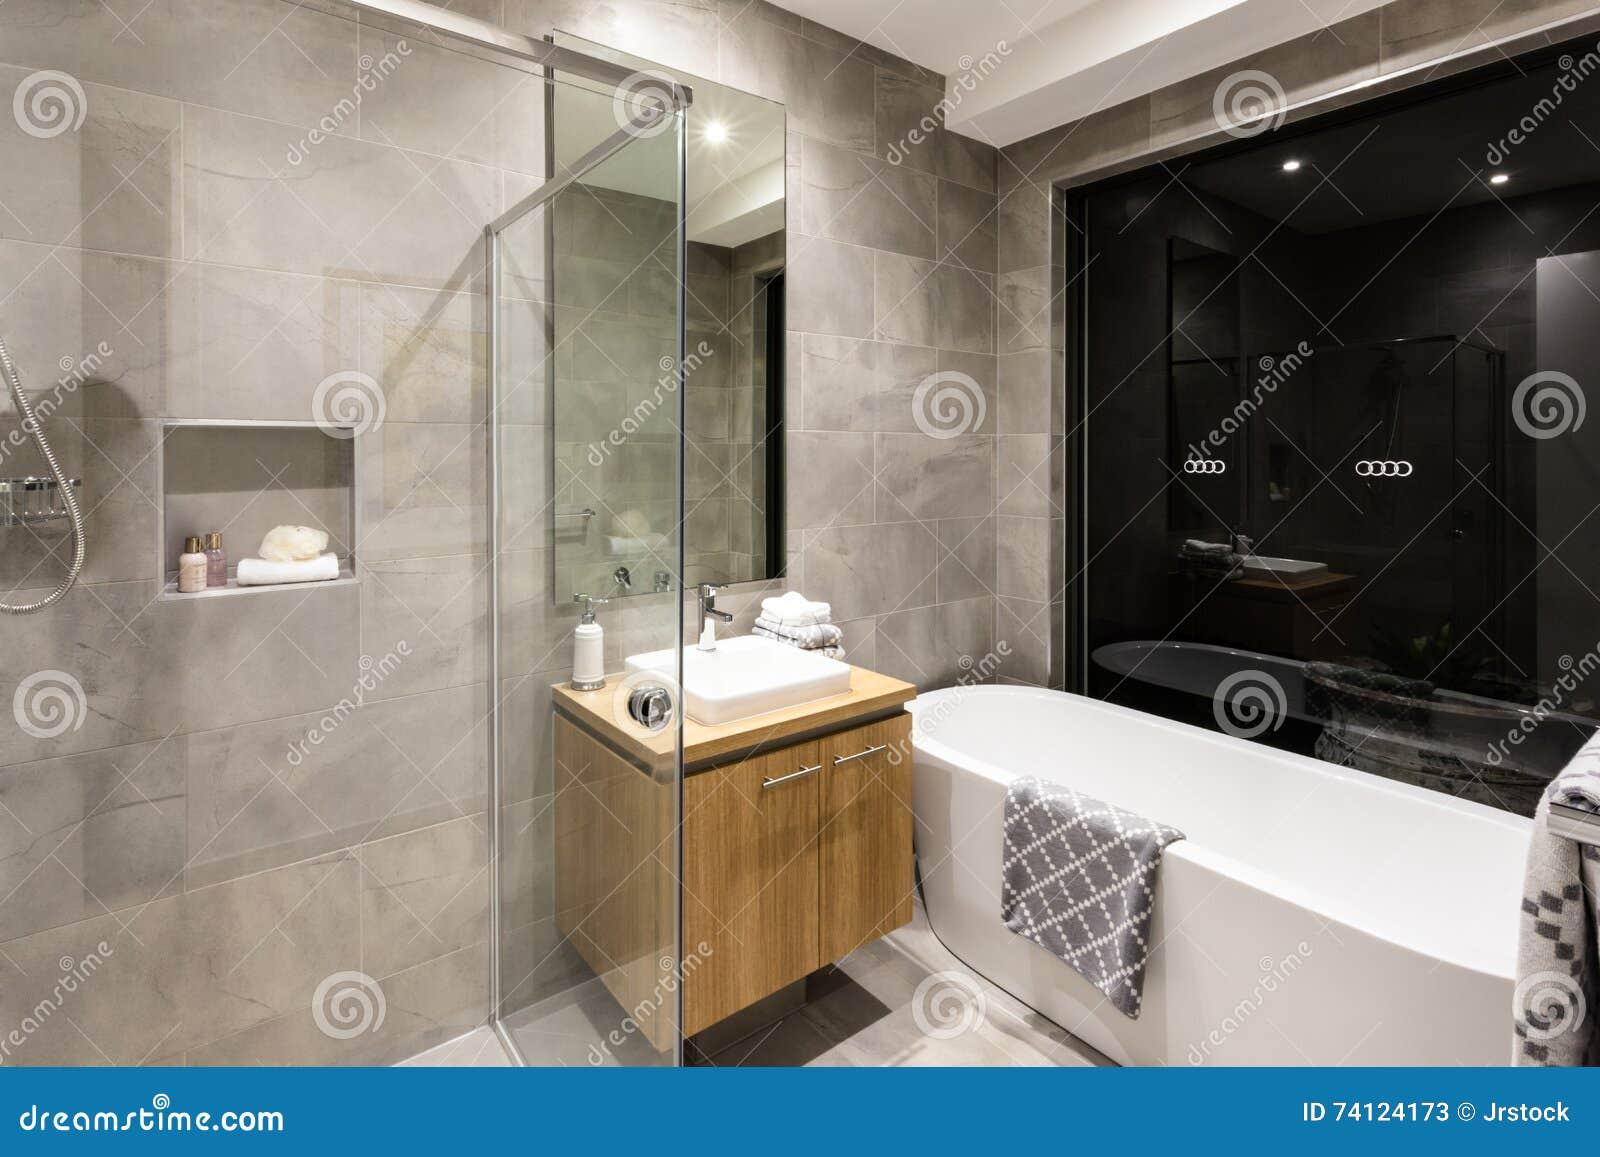 Det moderna badrummet med rundan badar och duschar arkivfoto ...